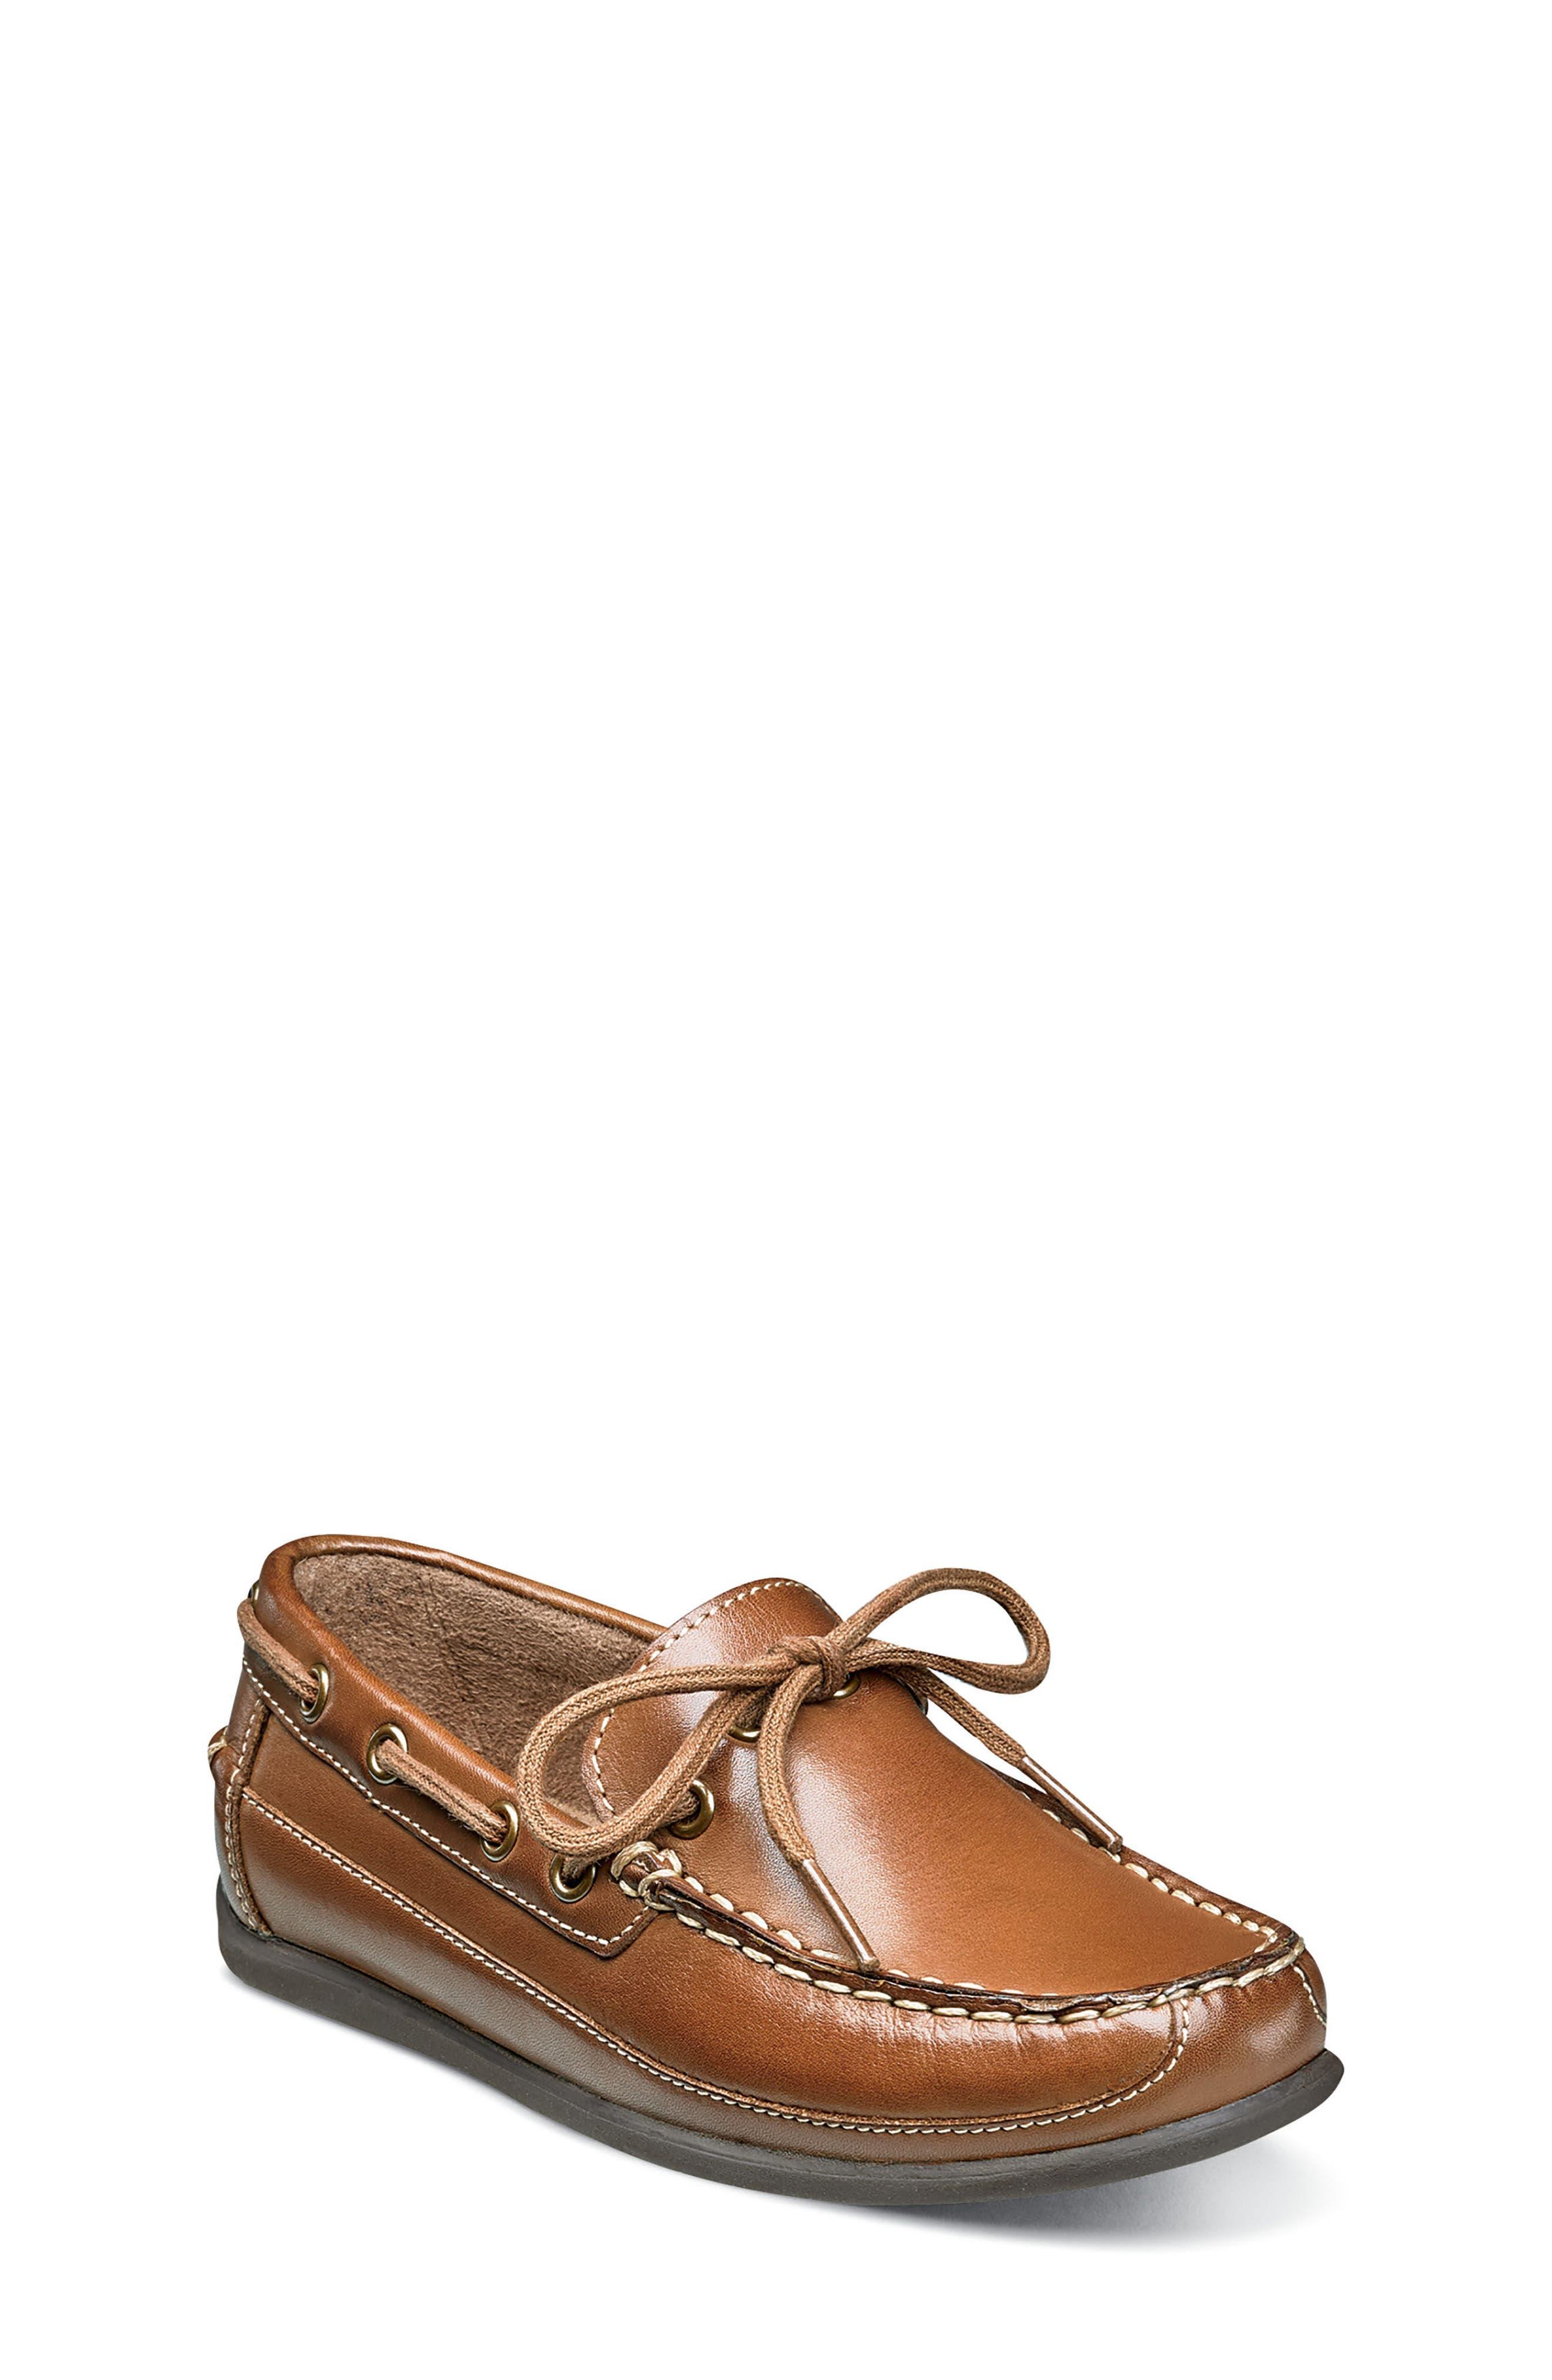 FLORSHEIM, Jasper Boat Shoe, Main thumbnail 1, color, SADDLE TAN